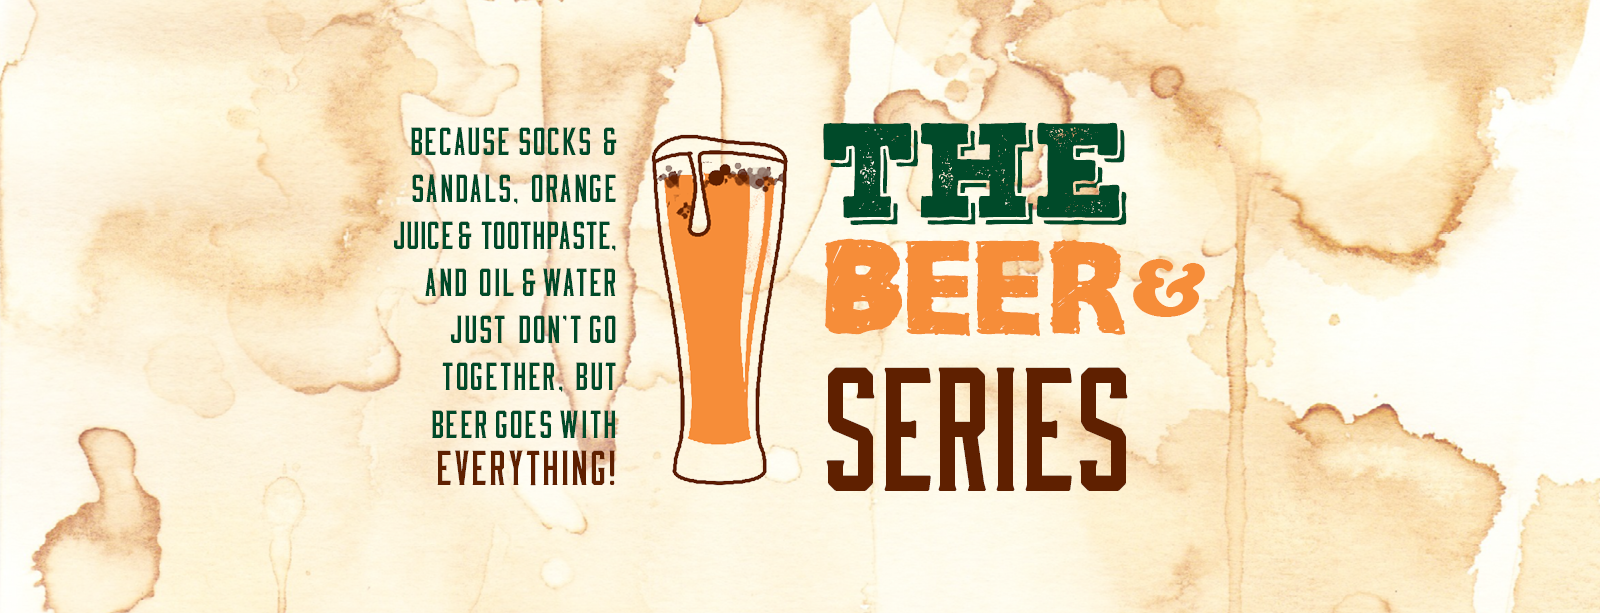 Beer& Series